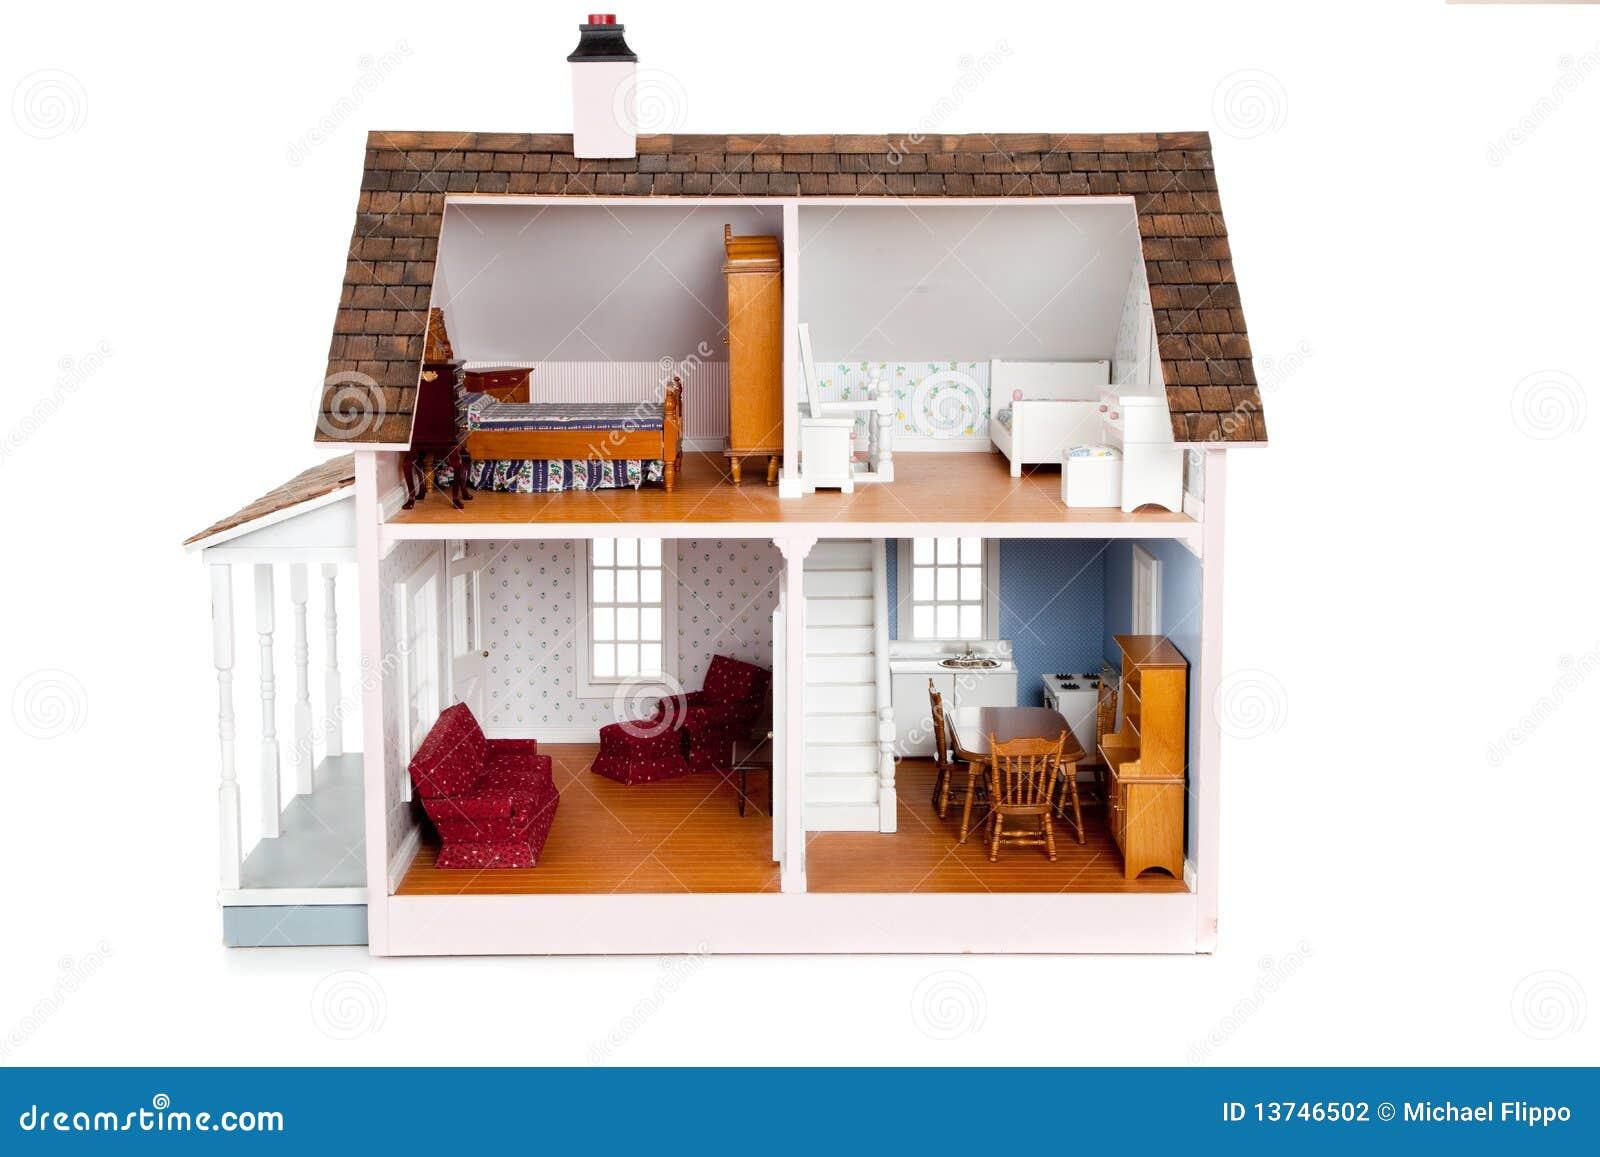 De poppenhuis van het kind met meubilair op wit stock fotografie afbeelding 13746502 - Trap meubilair kind ...